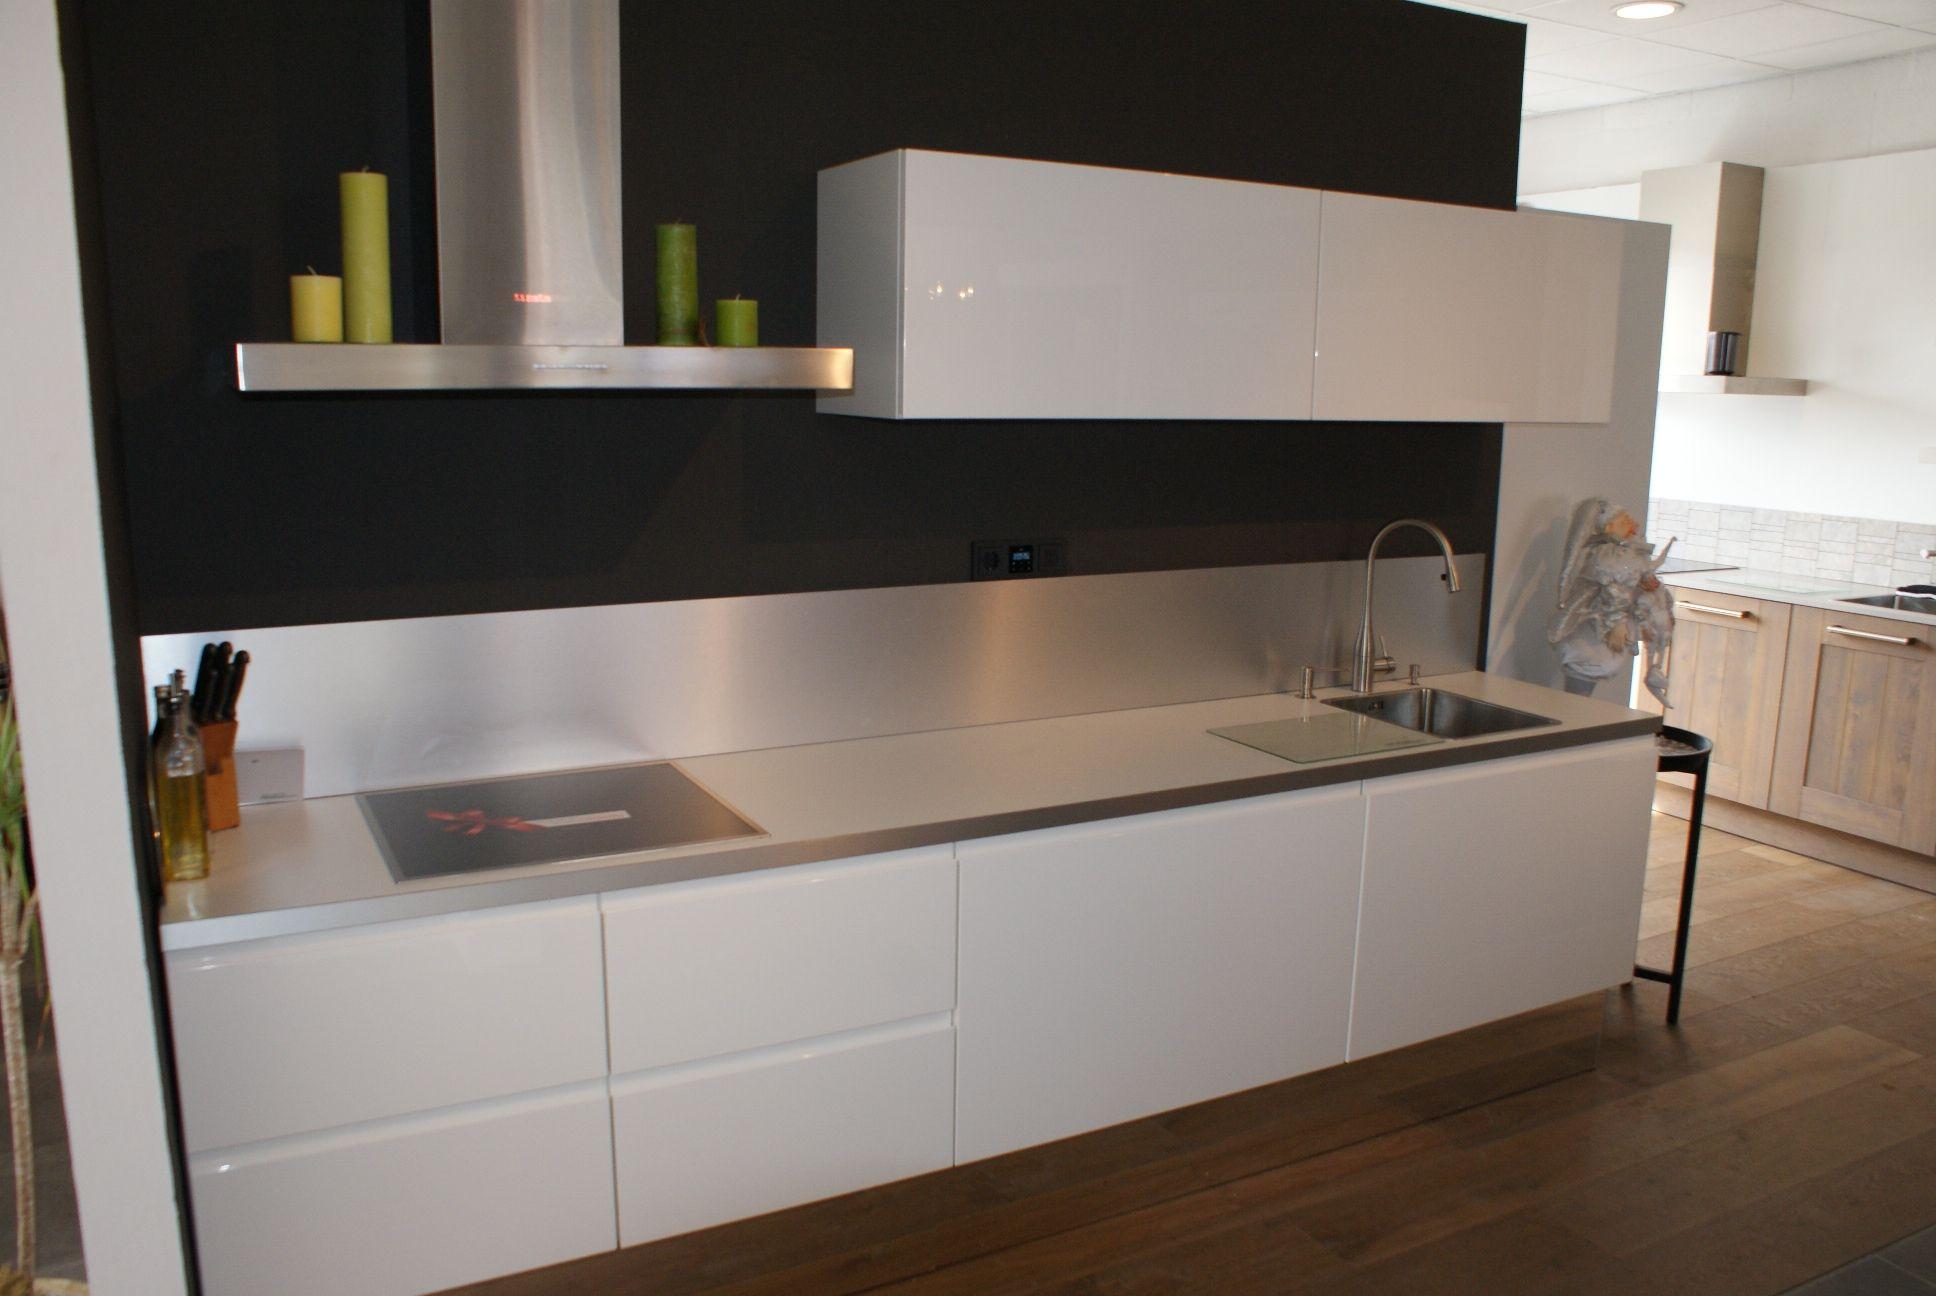 kunststof keuken semi greeploos wit  consenza for ., Meubels Ideeën